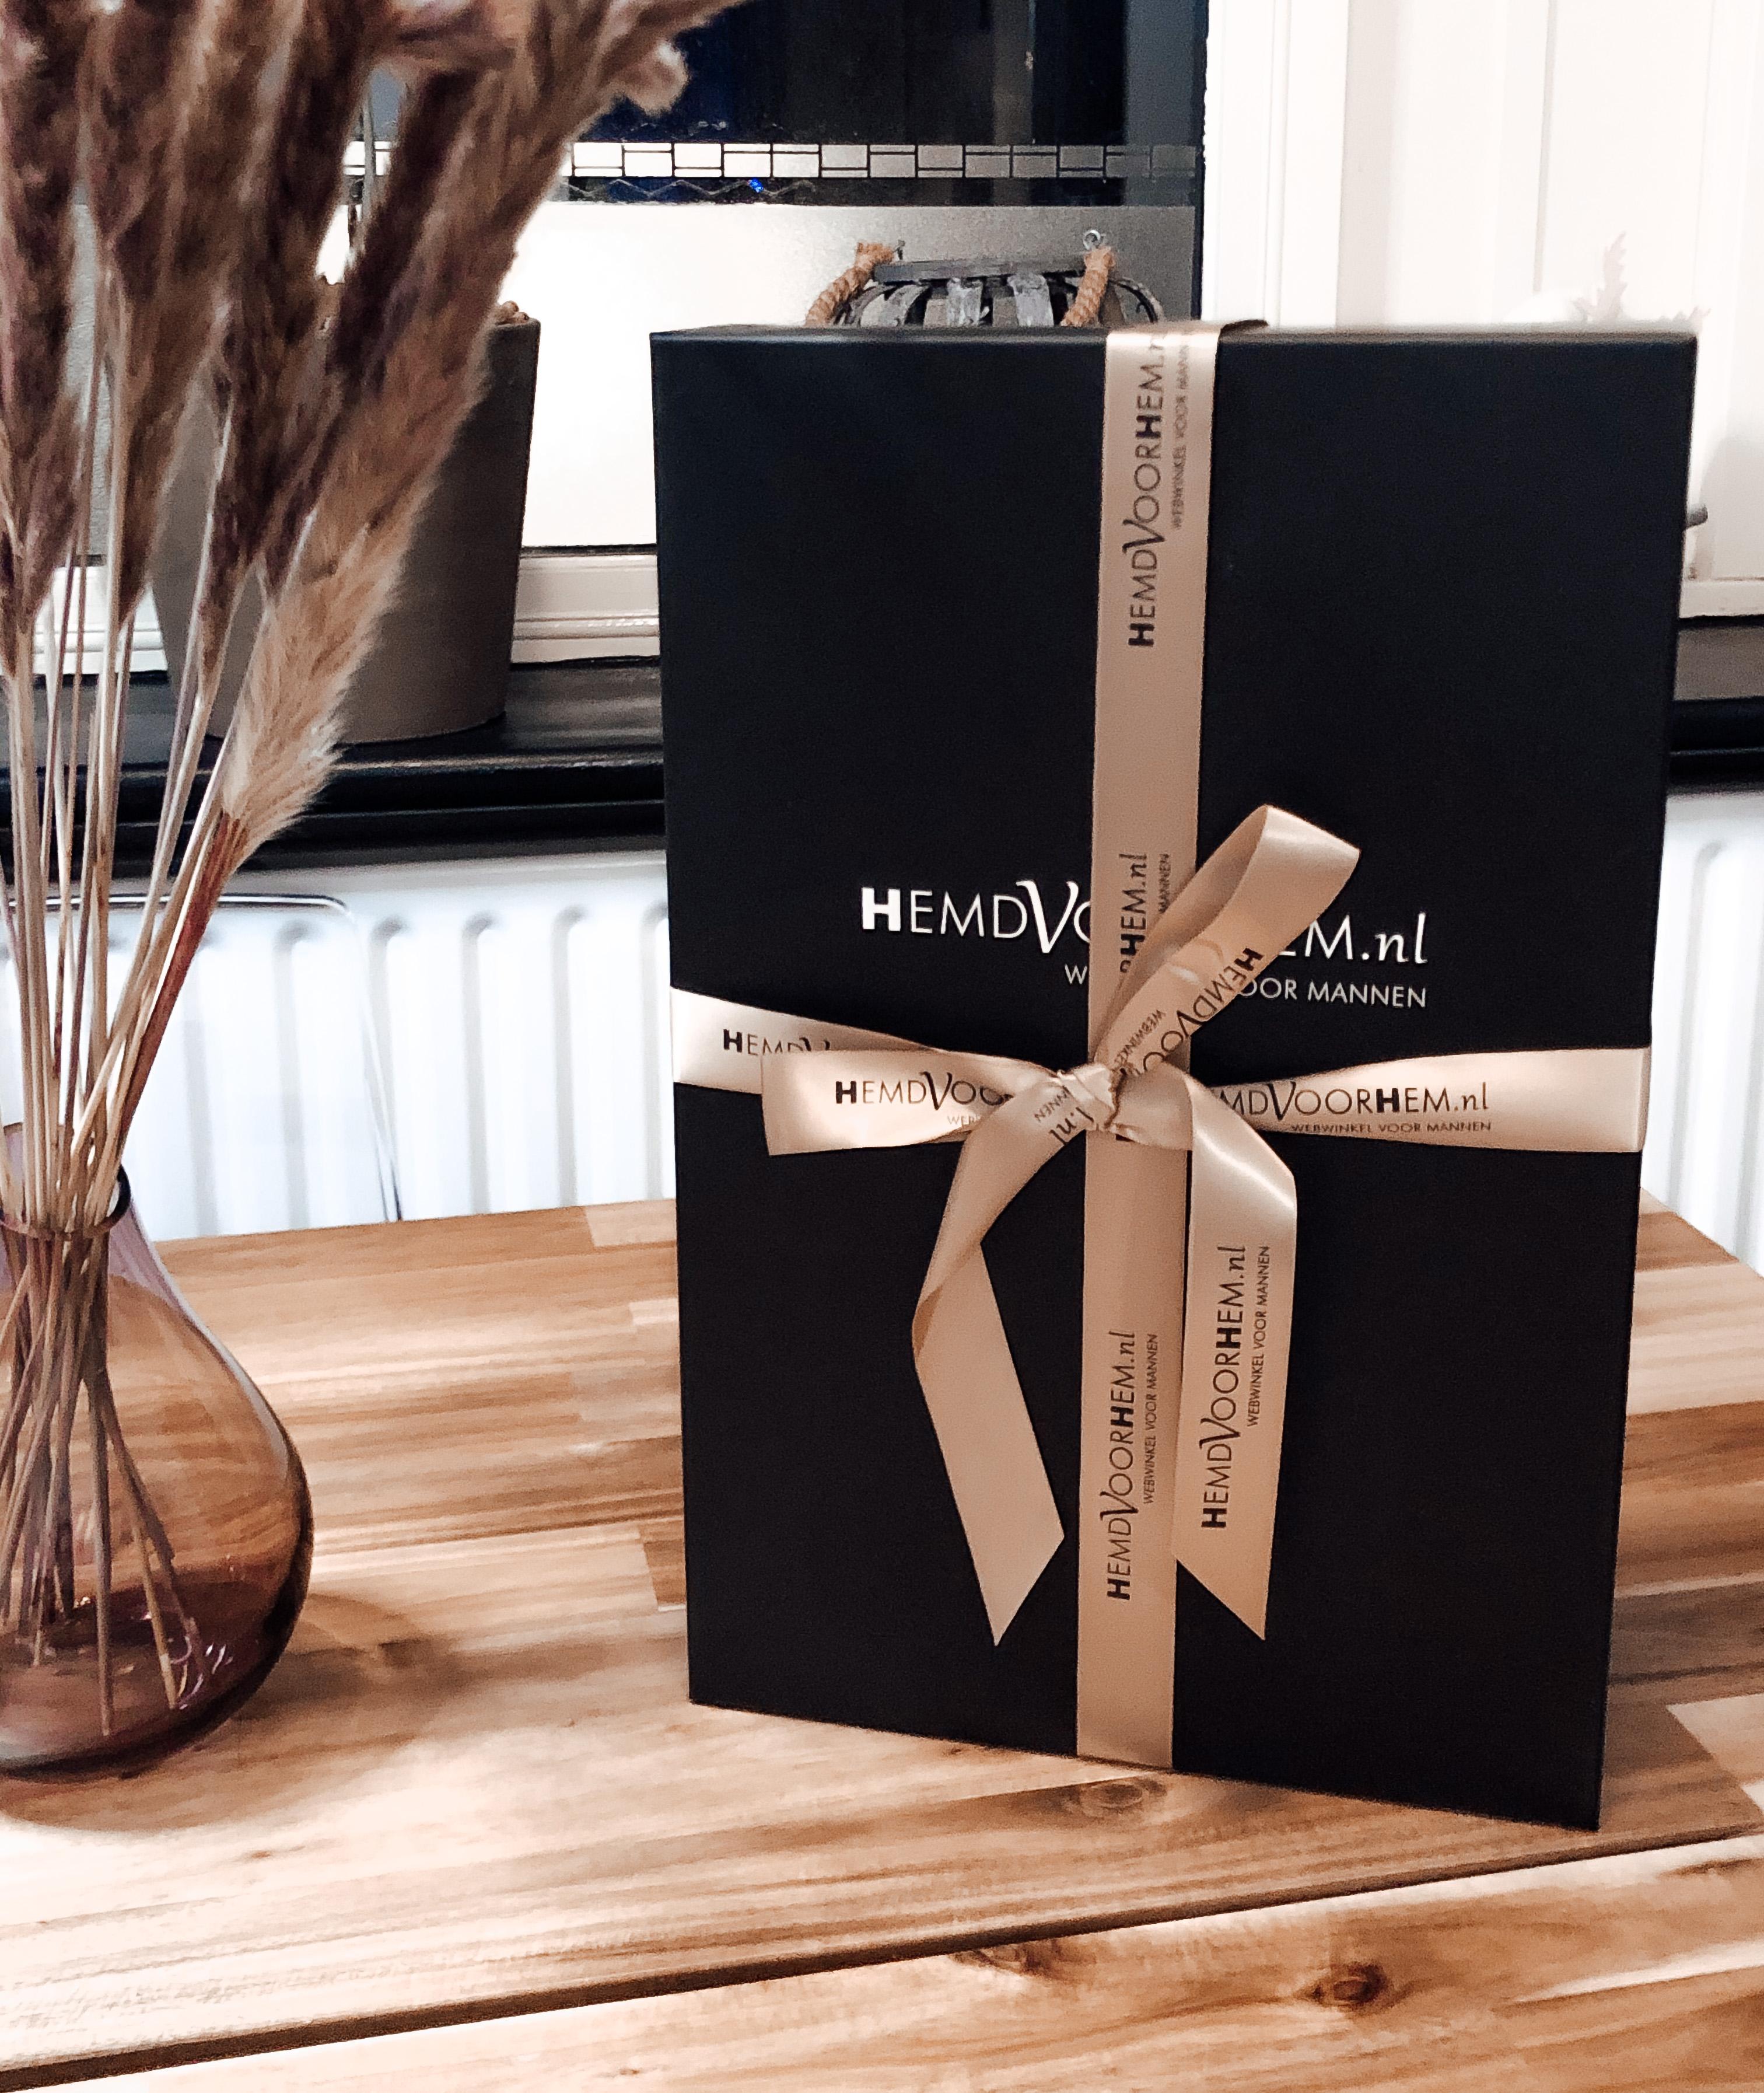 Kerst cadeaus voor mannen van HemdVoorHem. Verras hem met de feestdagen met een cadeaubox onder de kerstboom.